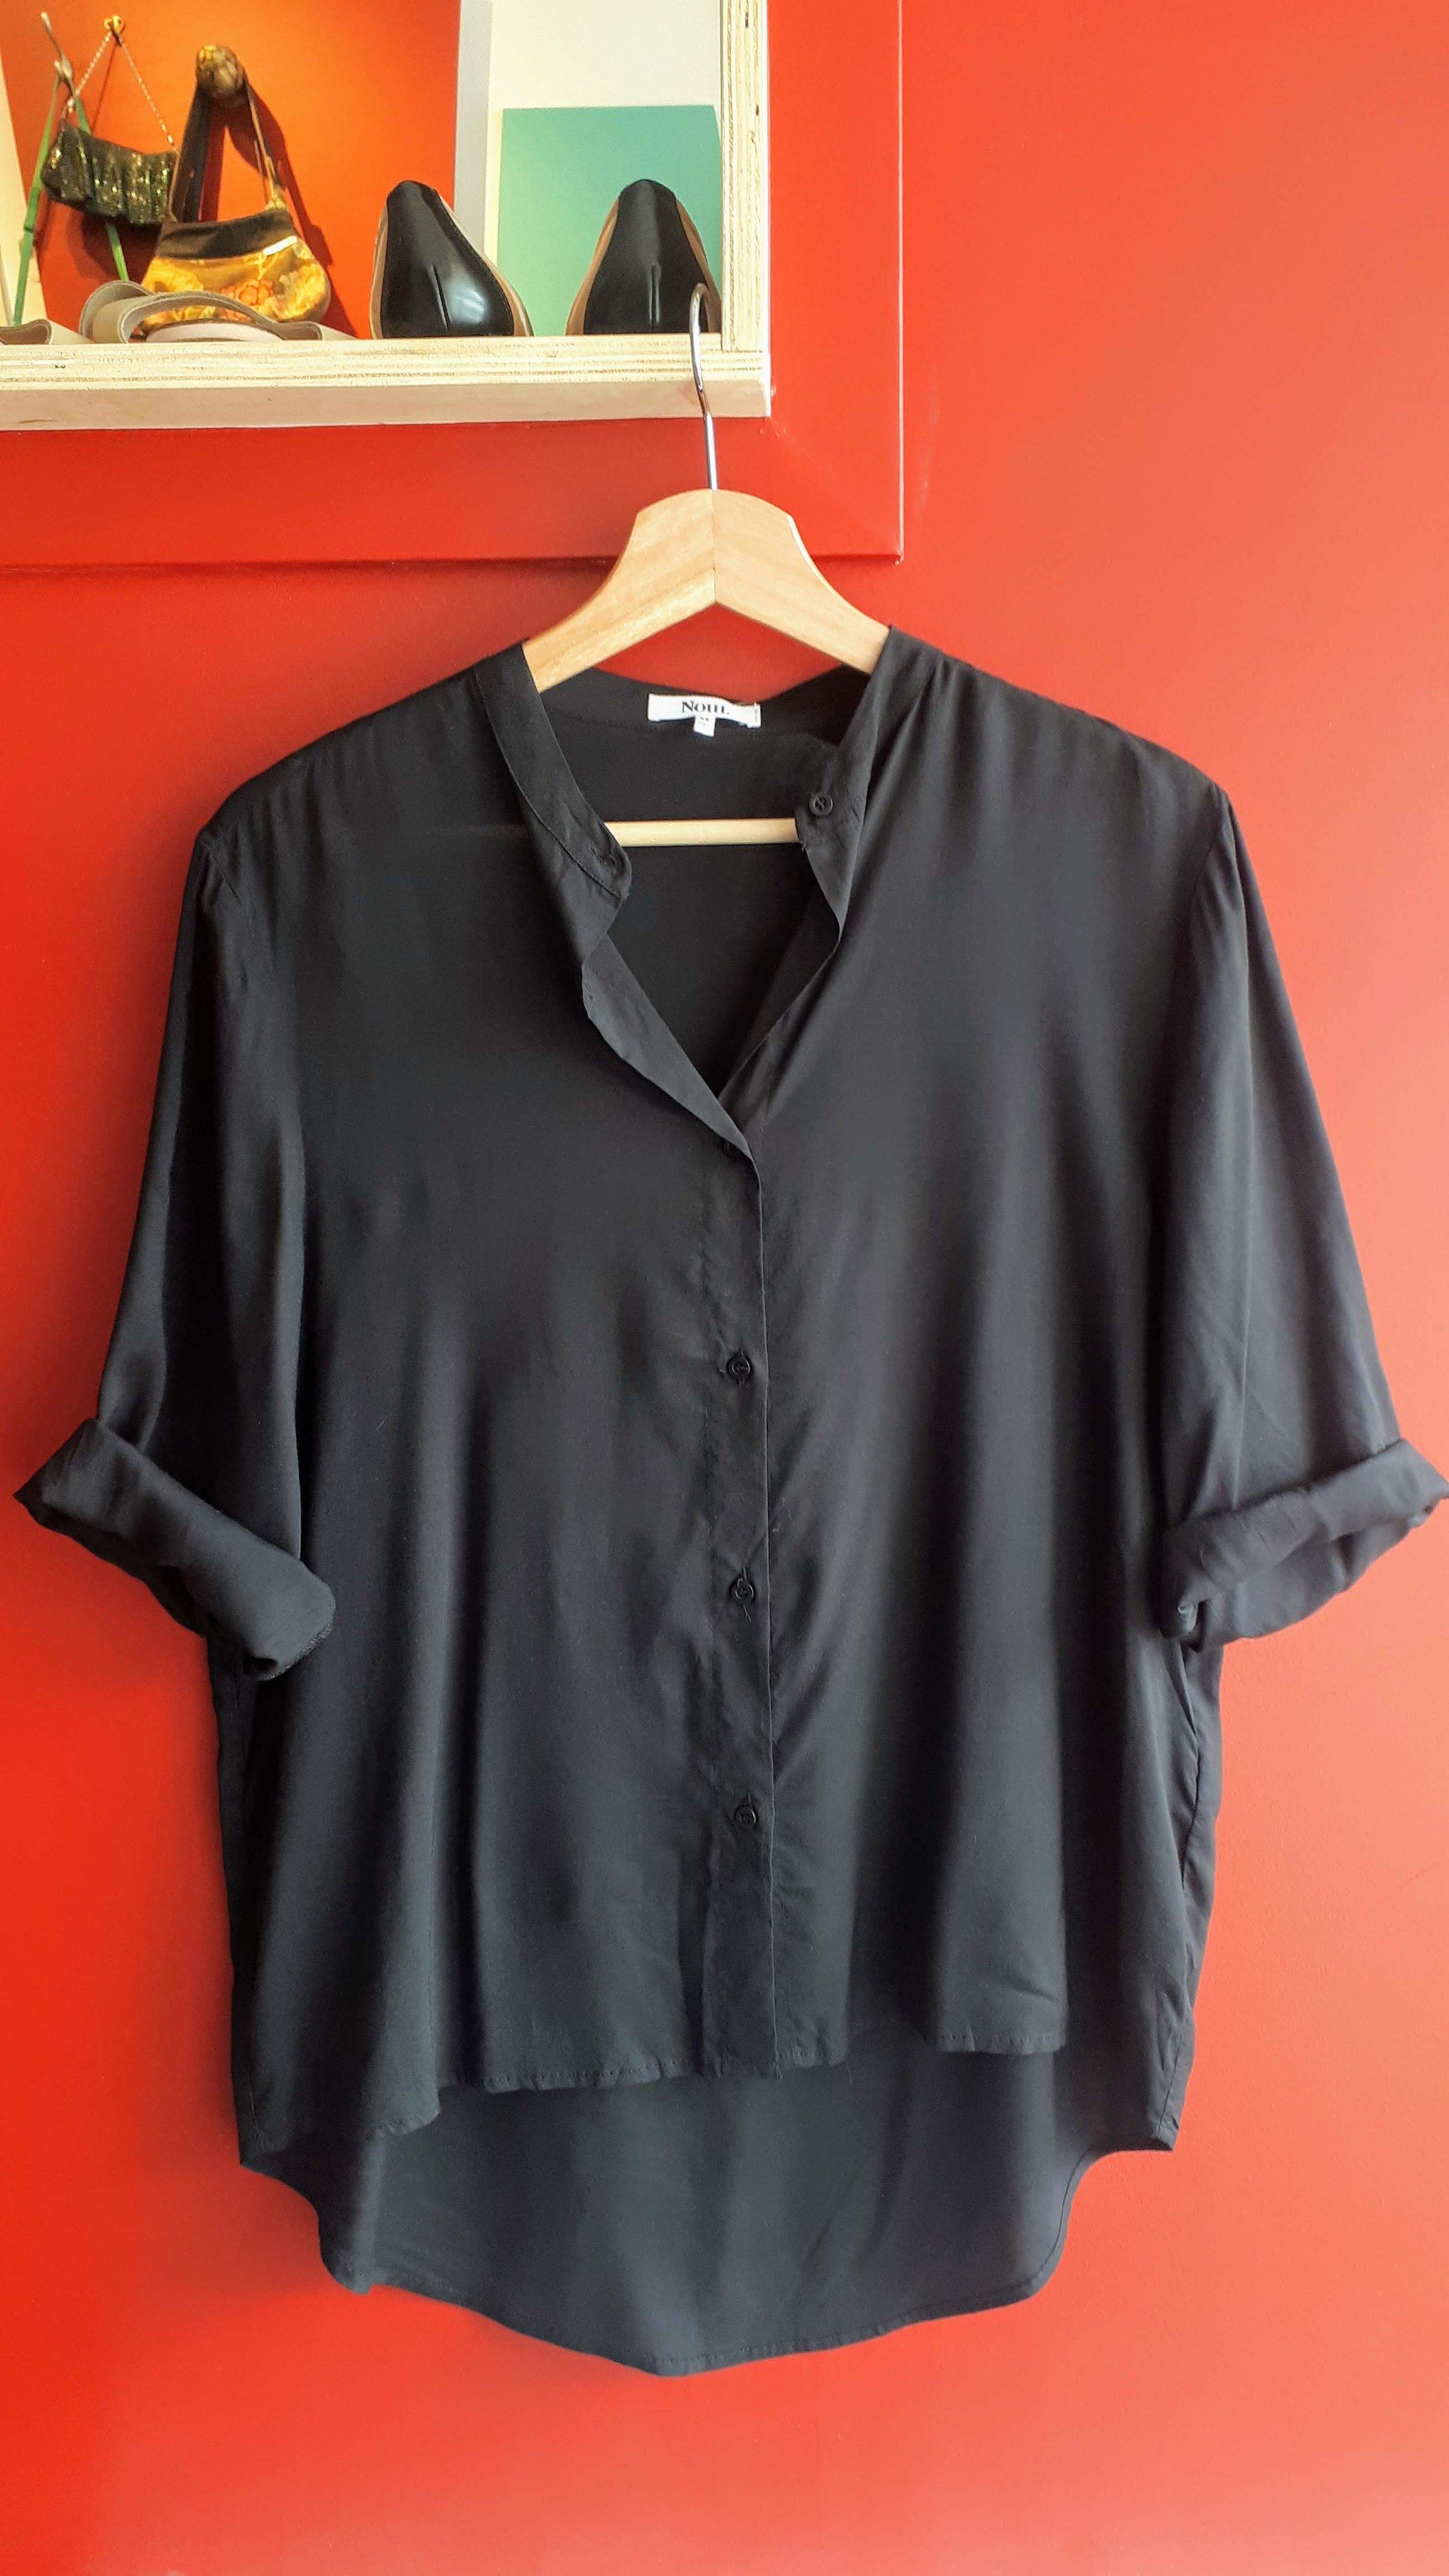 Noul shirt; Size S, $30